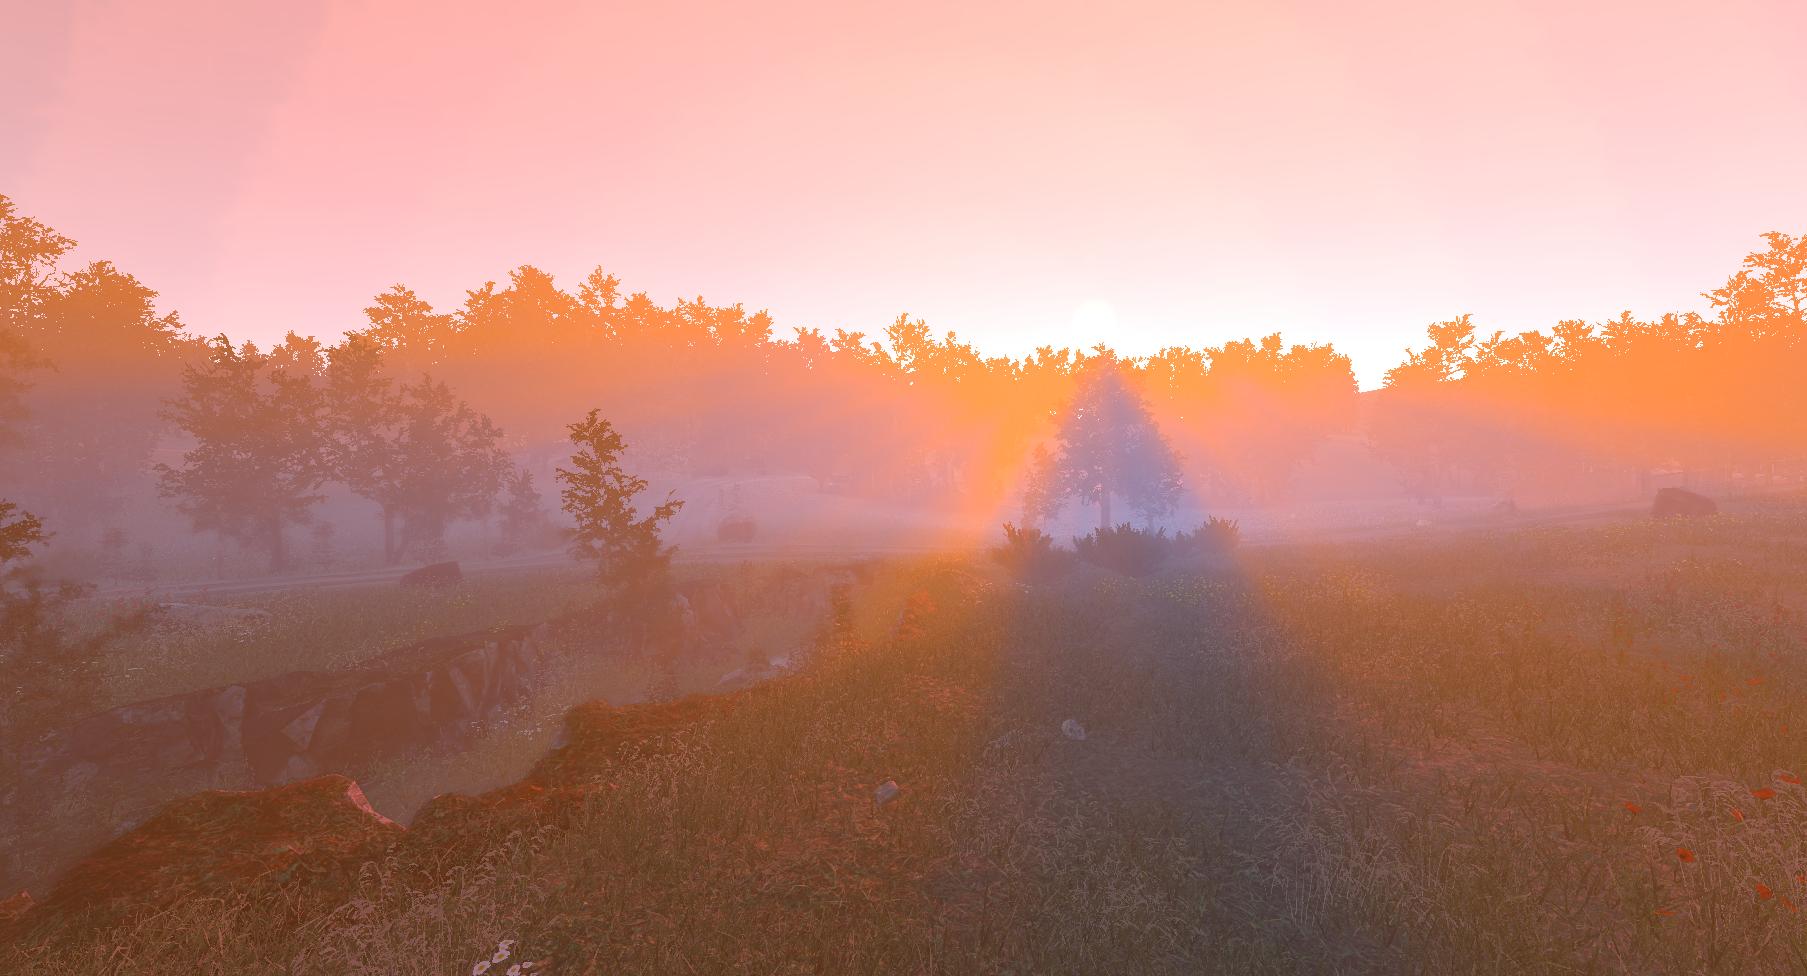 Fog result image 5